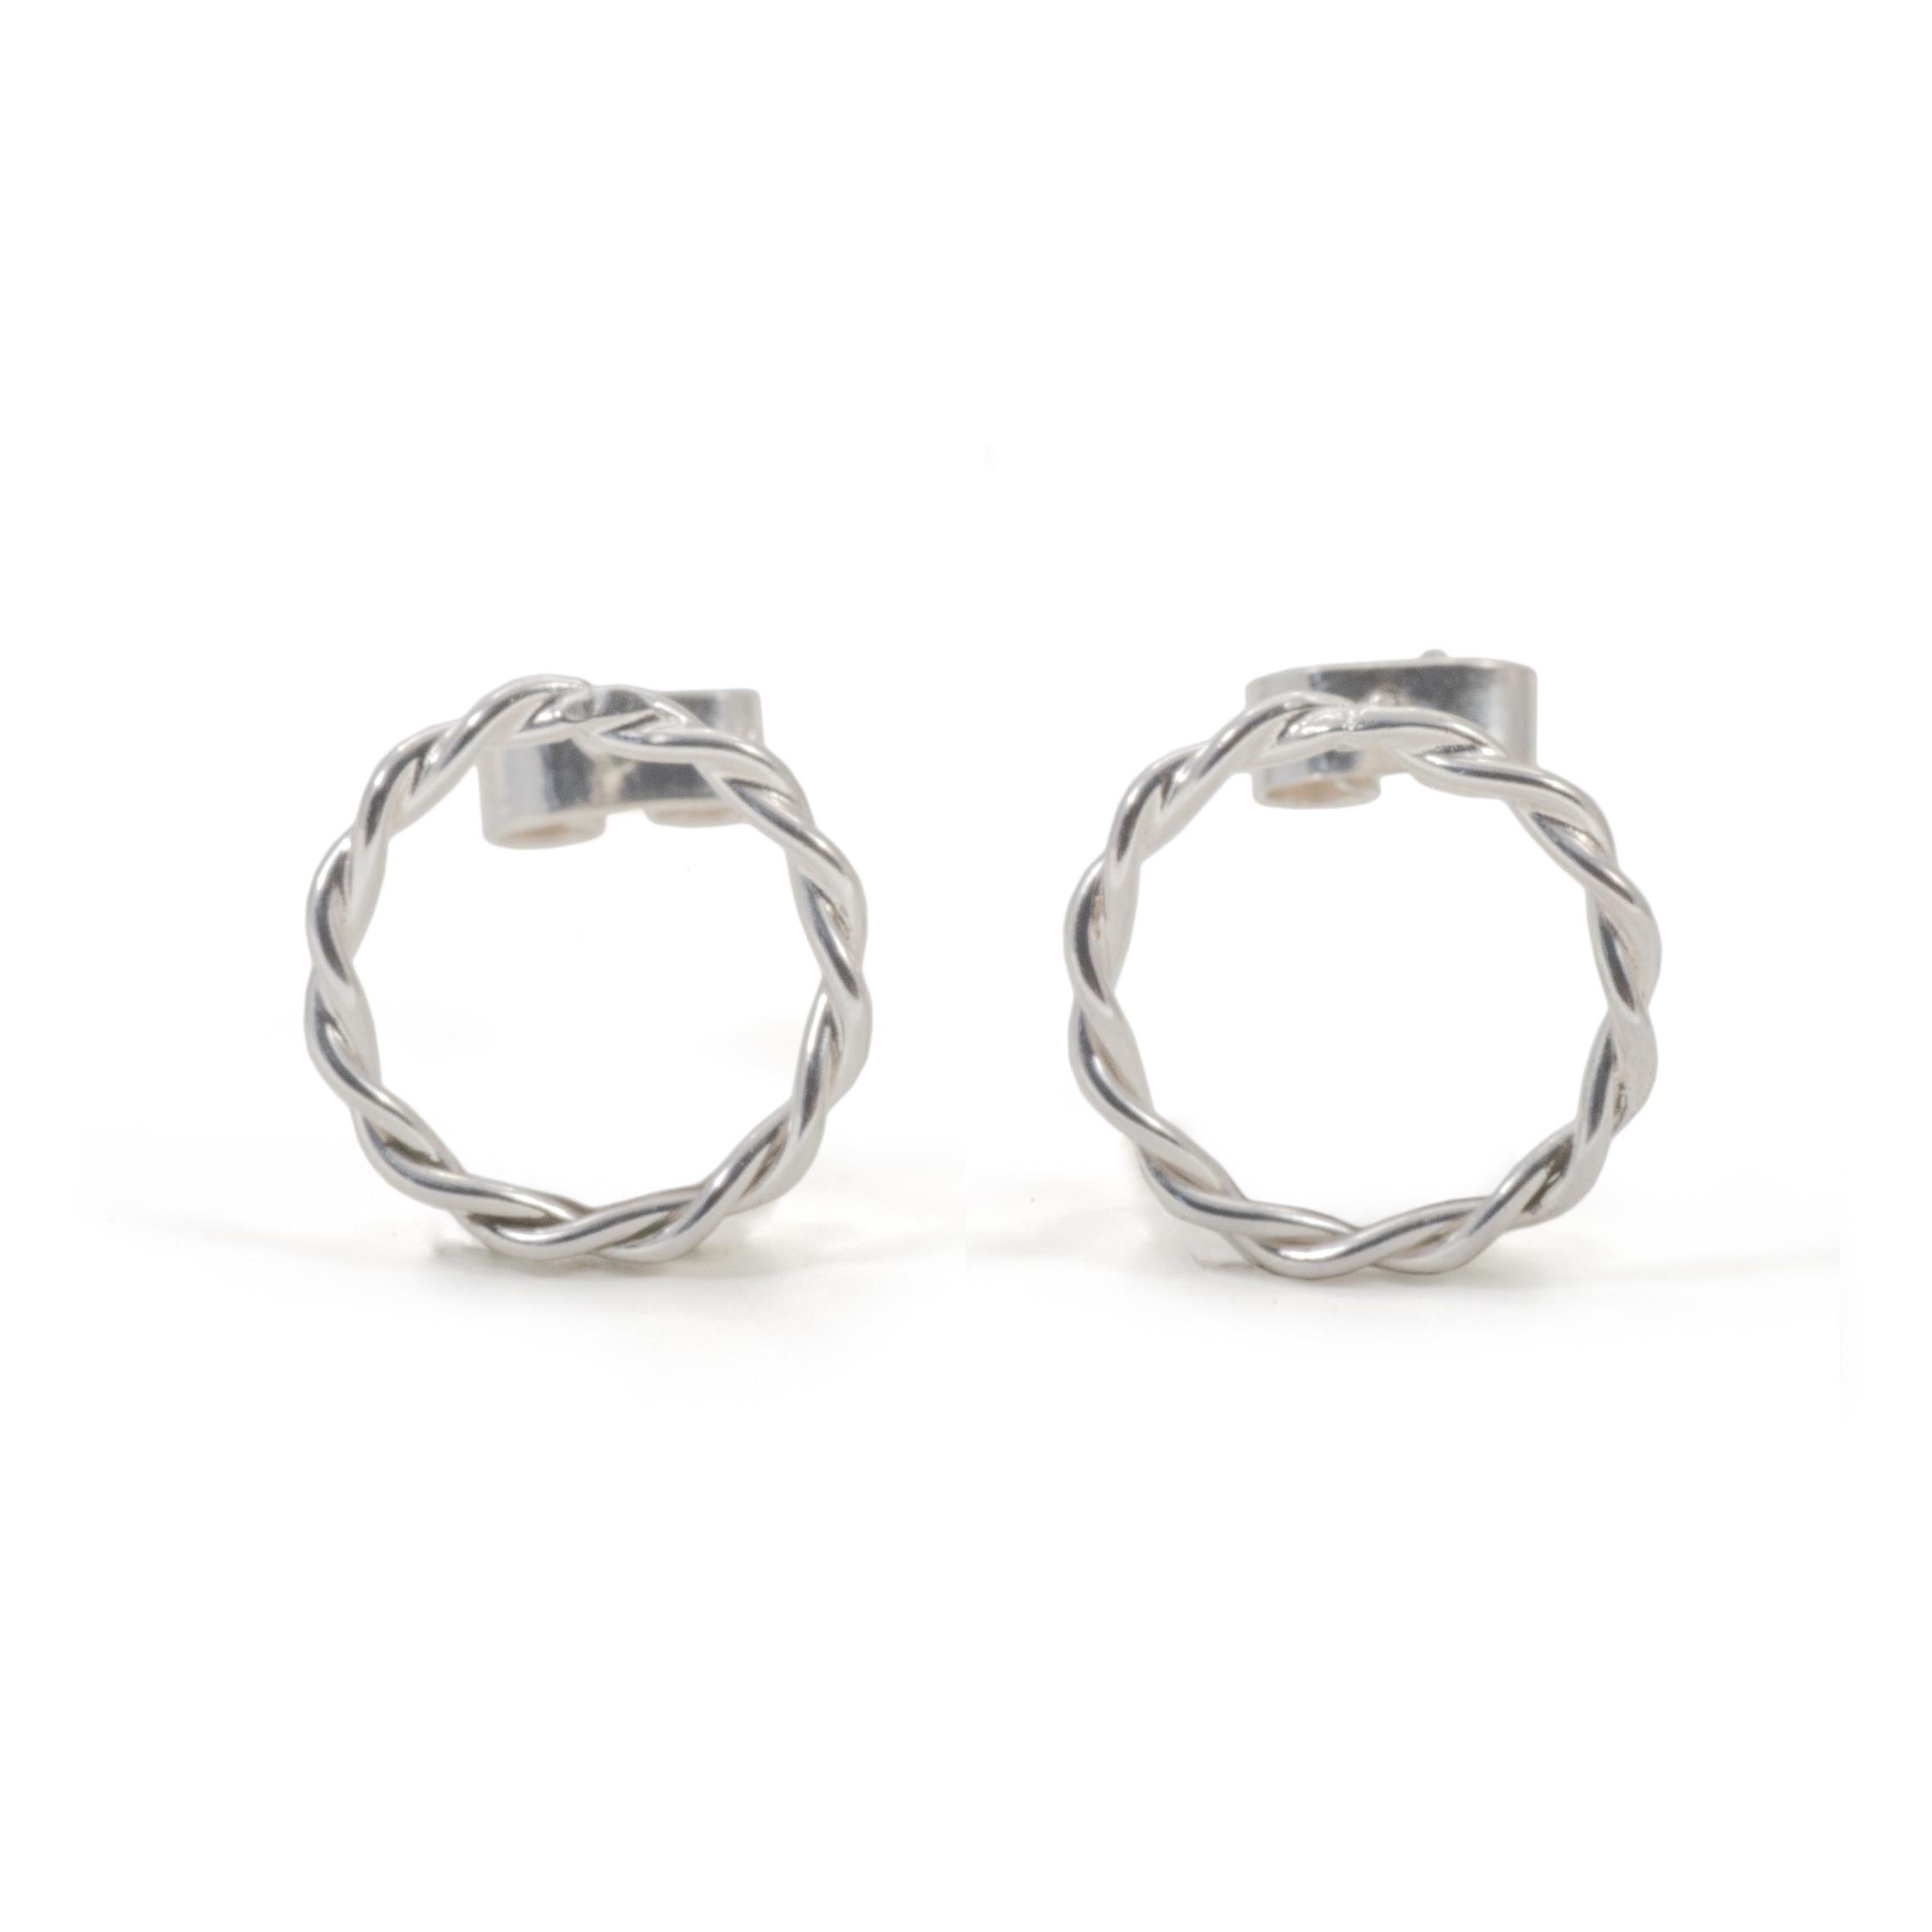 MNOP tvinnad örhängen. Återvunnet silver/ekosilver.